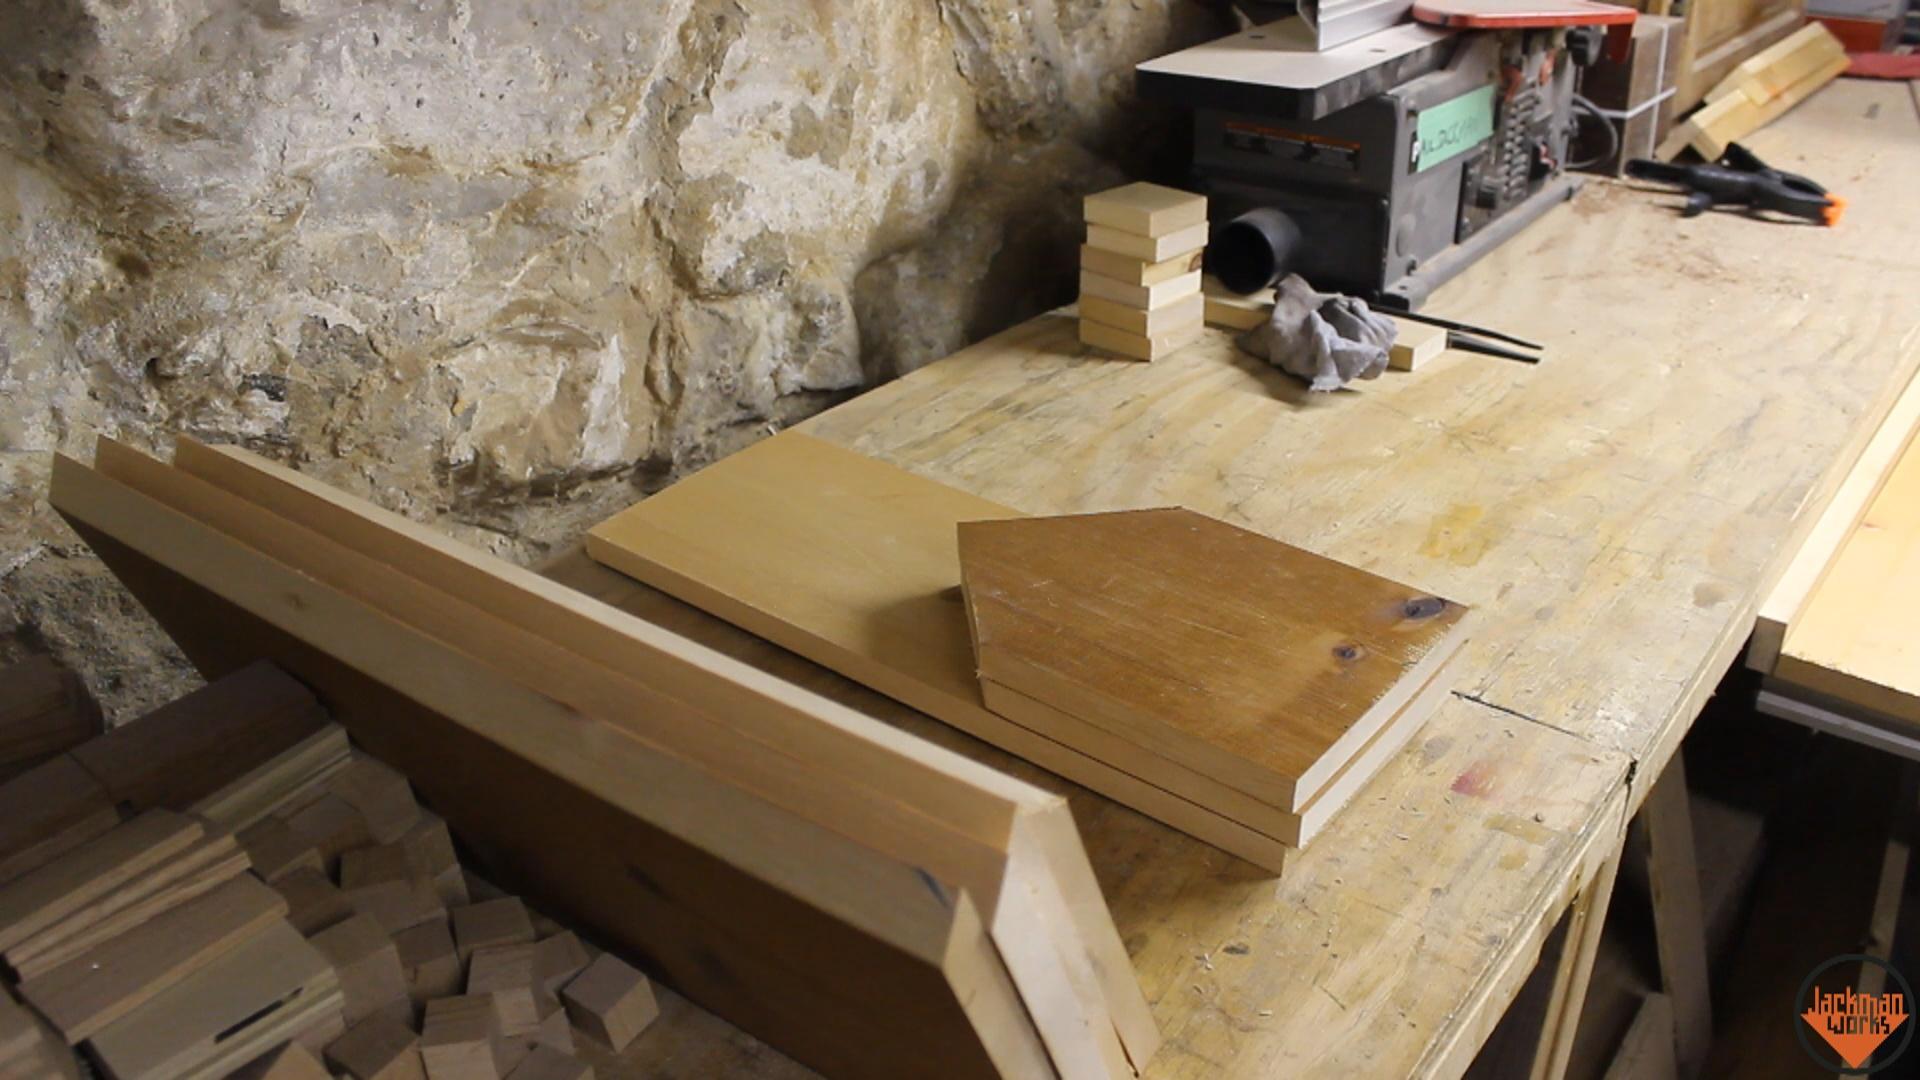 Wood mailbox 5 jackman works jackmanjackman worksjackman carpentrycarpentrywoodworkingwooddiydo it yourselfbuildingmakingdesignupcycledrecycledreclaimedhow to make a solutioingenieria Images